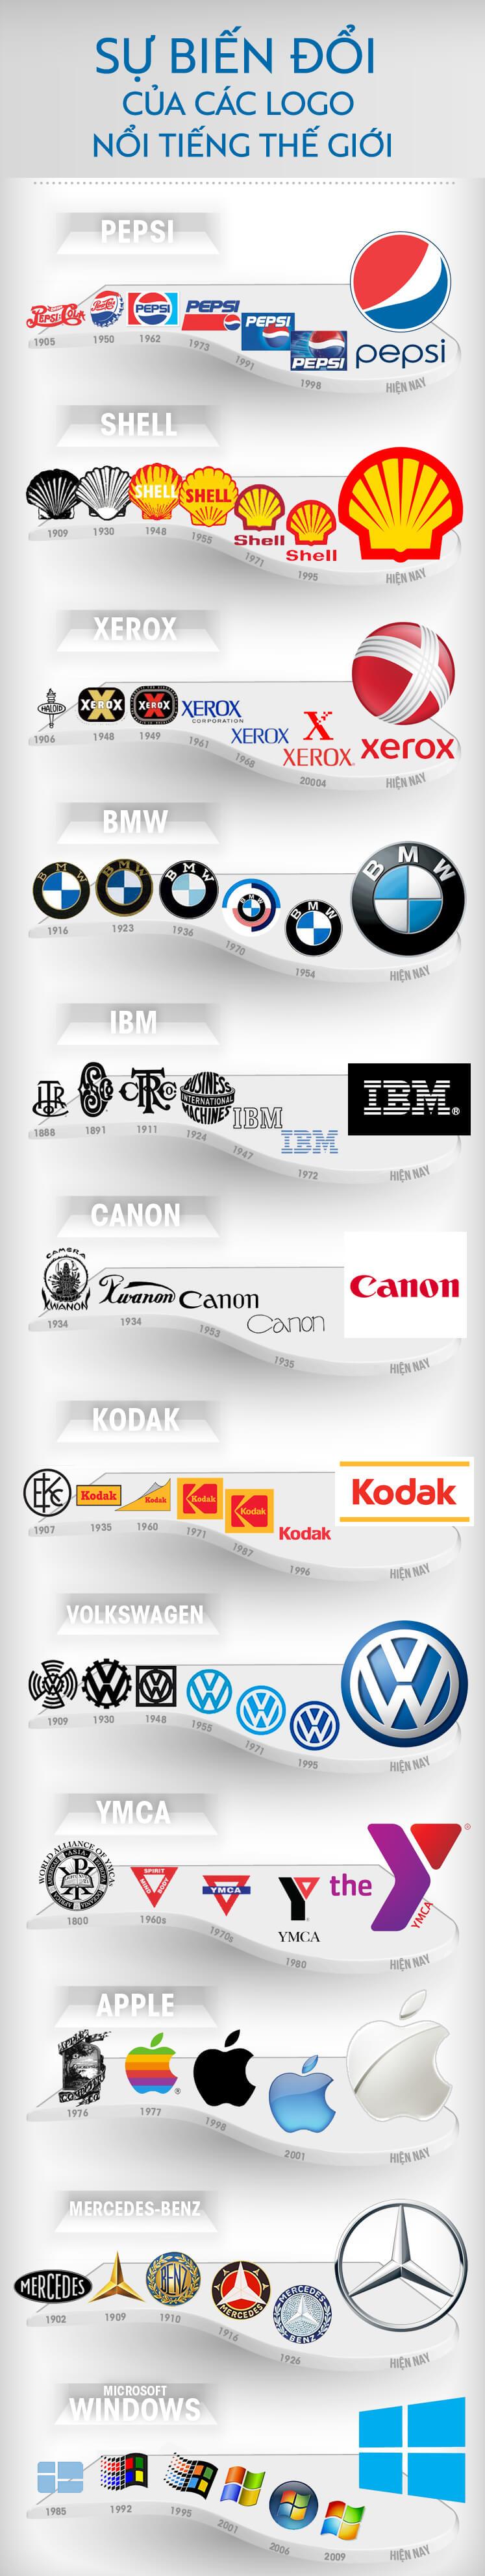 Sự biến đổi logo của một số thương hiệu nổi tiếng và nghệ thuật phi ngôn từ -  thương hiệu - Infographic thuonghieu butnghien